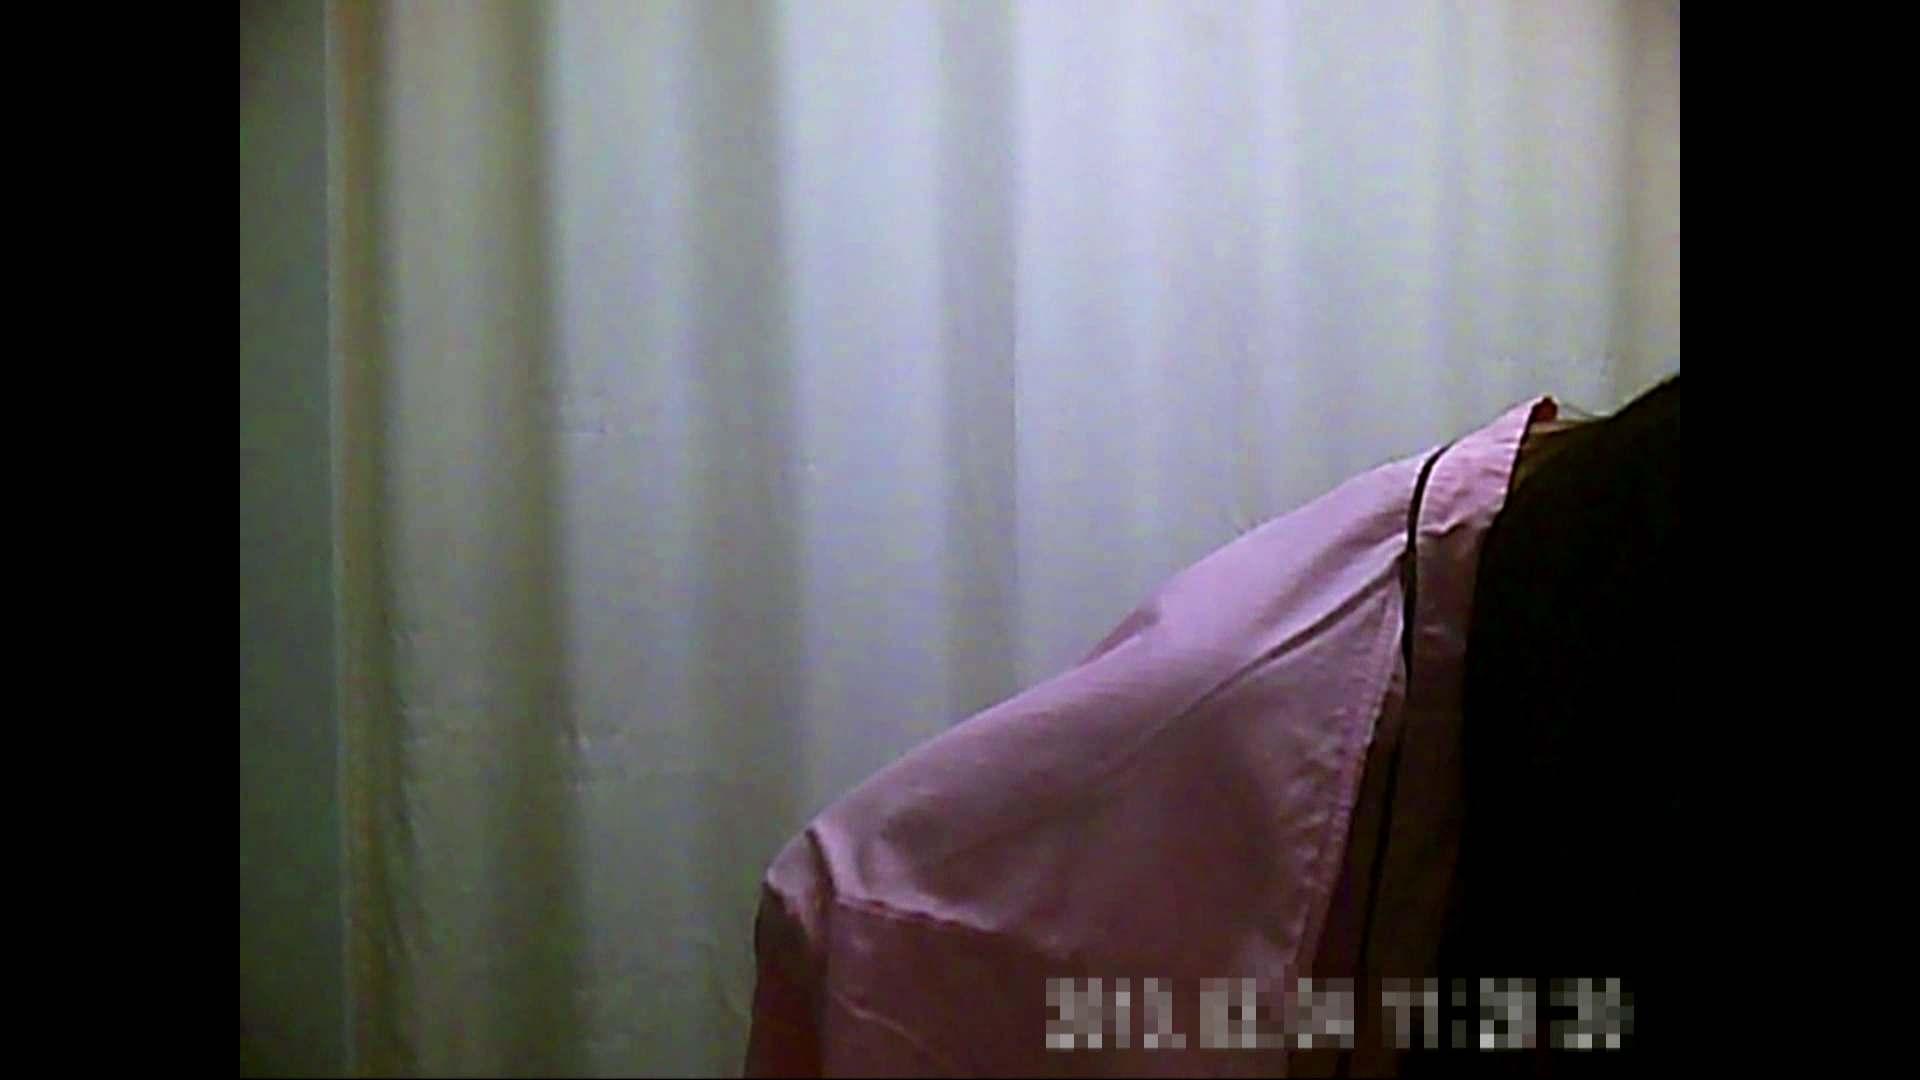 元医者による反抗 更衣室地獄絵巻 vol.103 OL  100pic 12